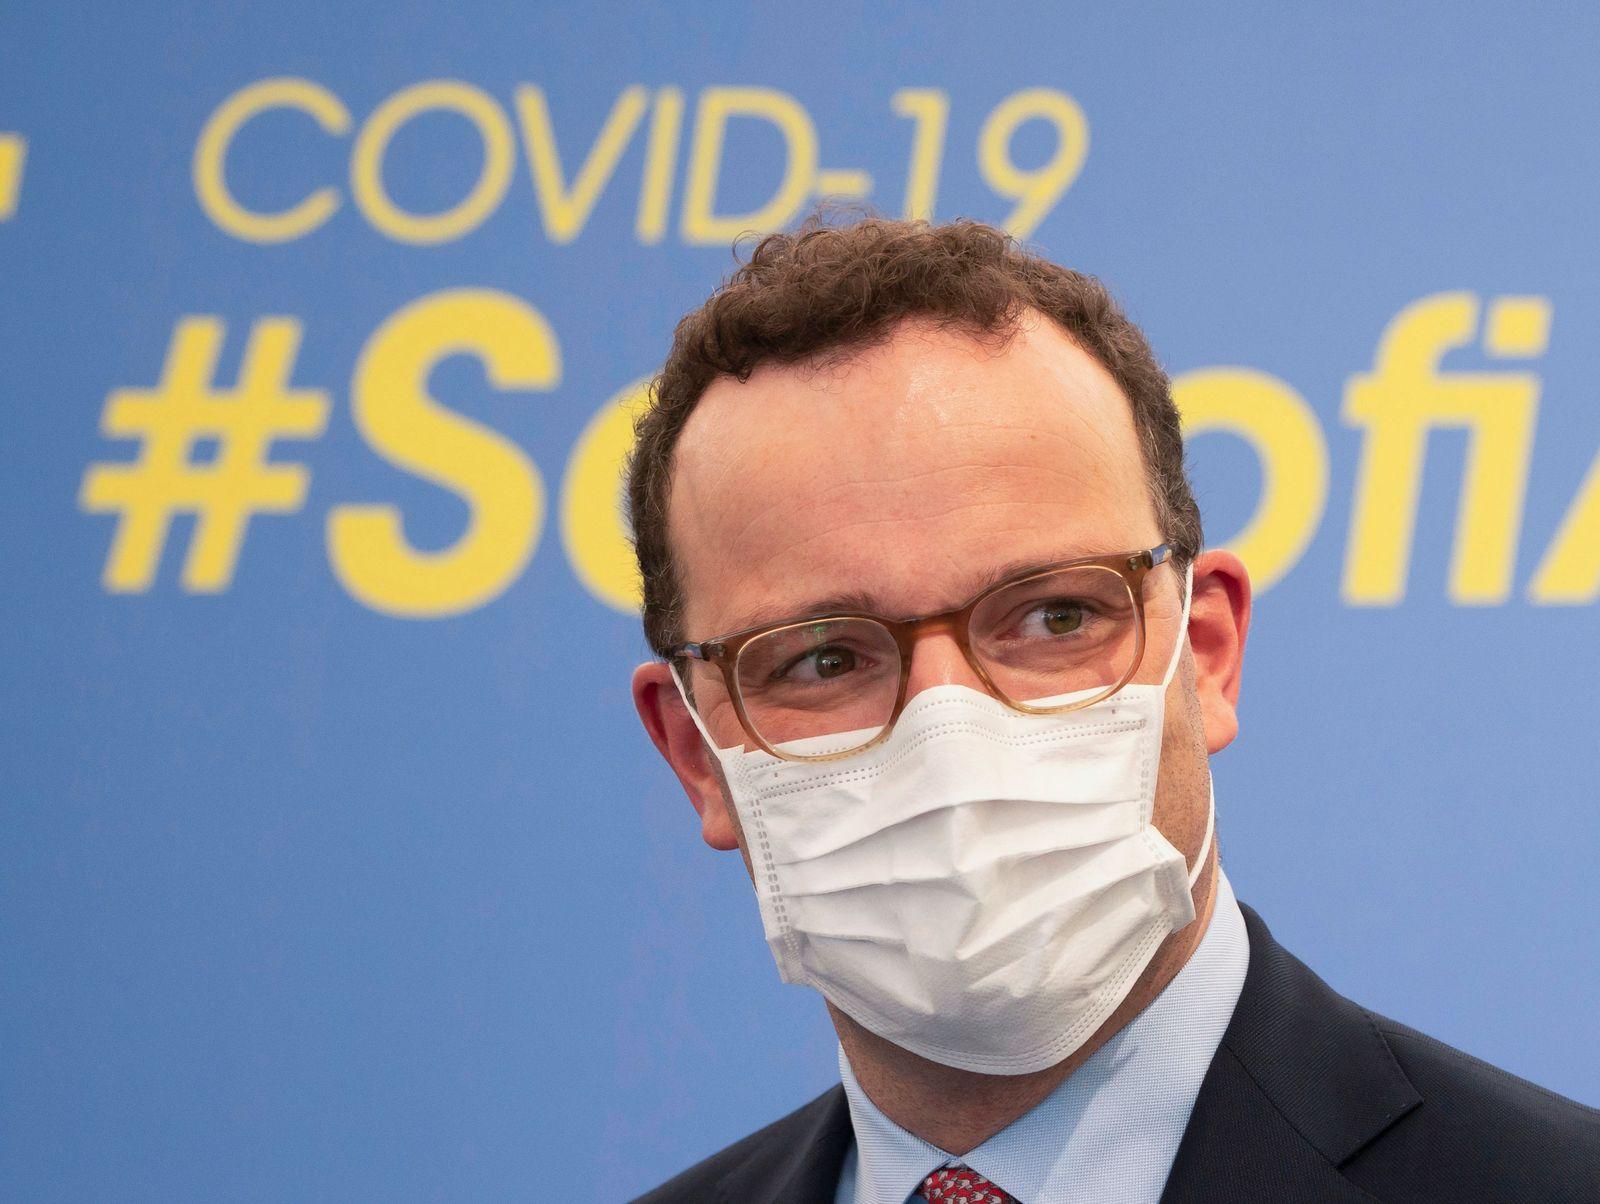 Abfüllanlage für künftigen Impfstoff gegen Covid-19 bei Sanofi